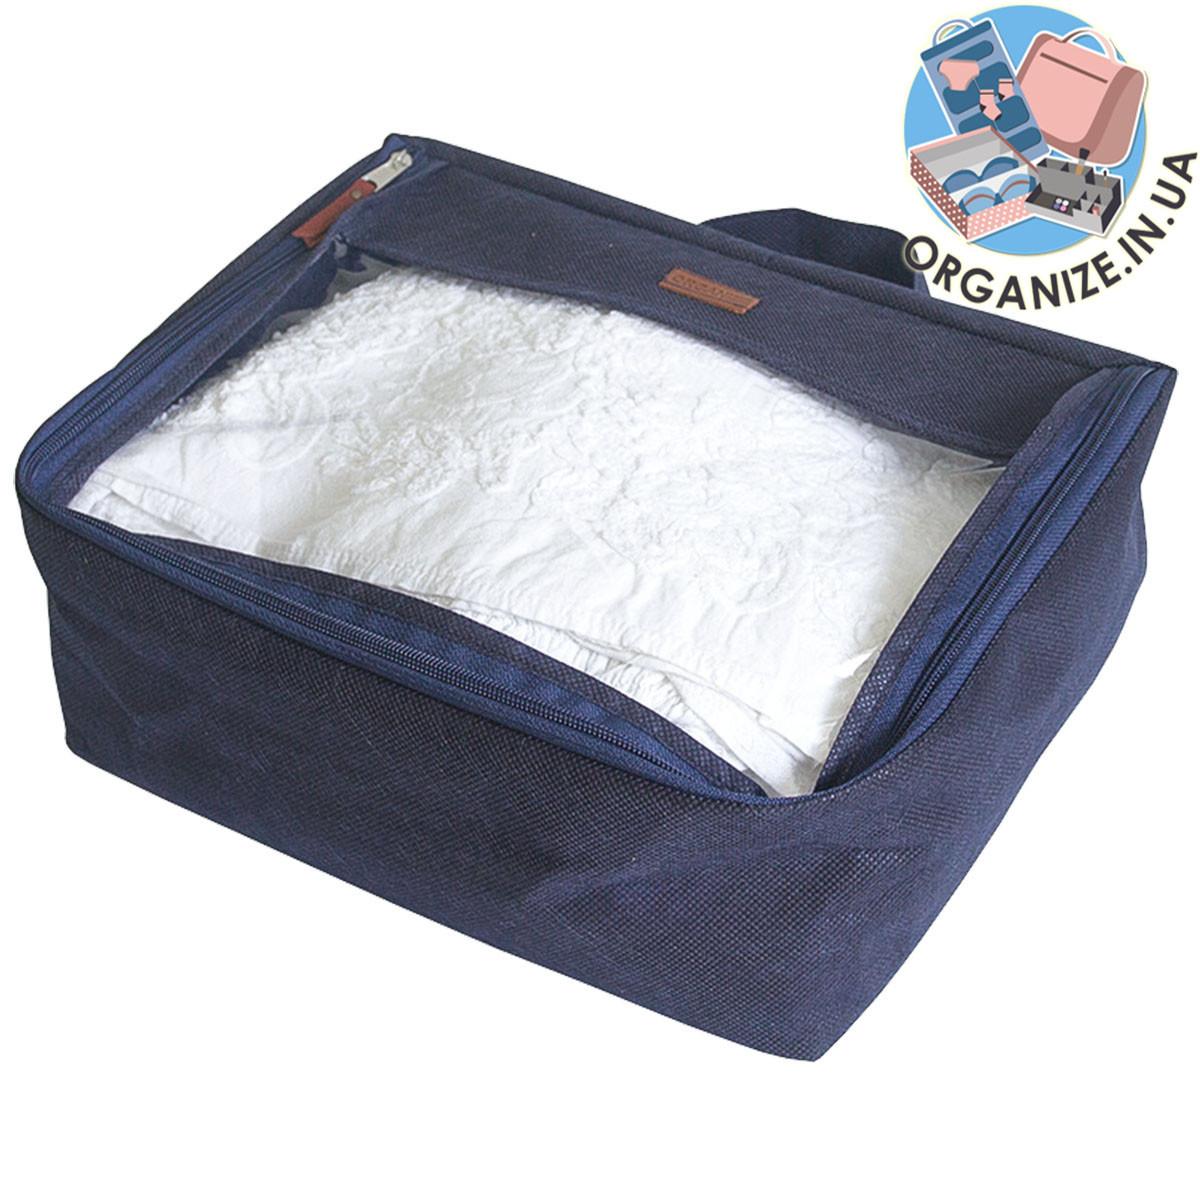 Средняя дорожная сумка для вещей ORGANIZE (синий)